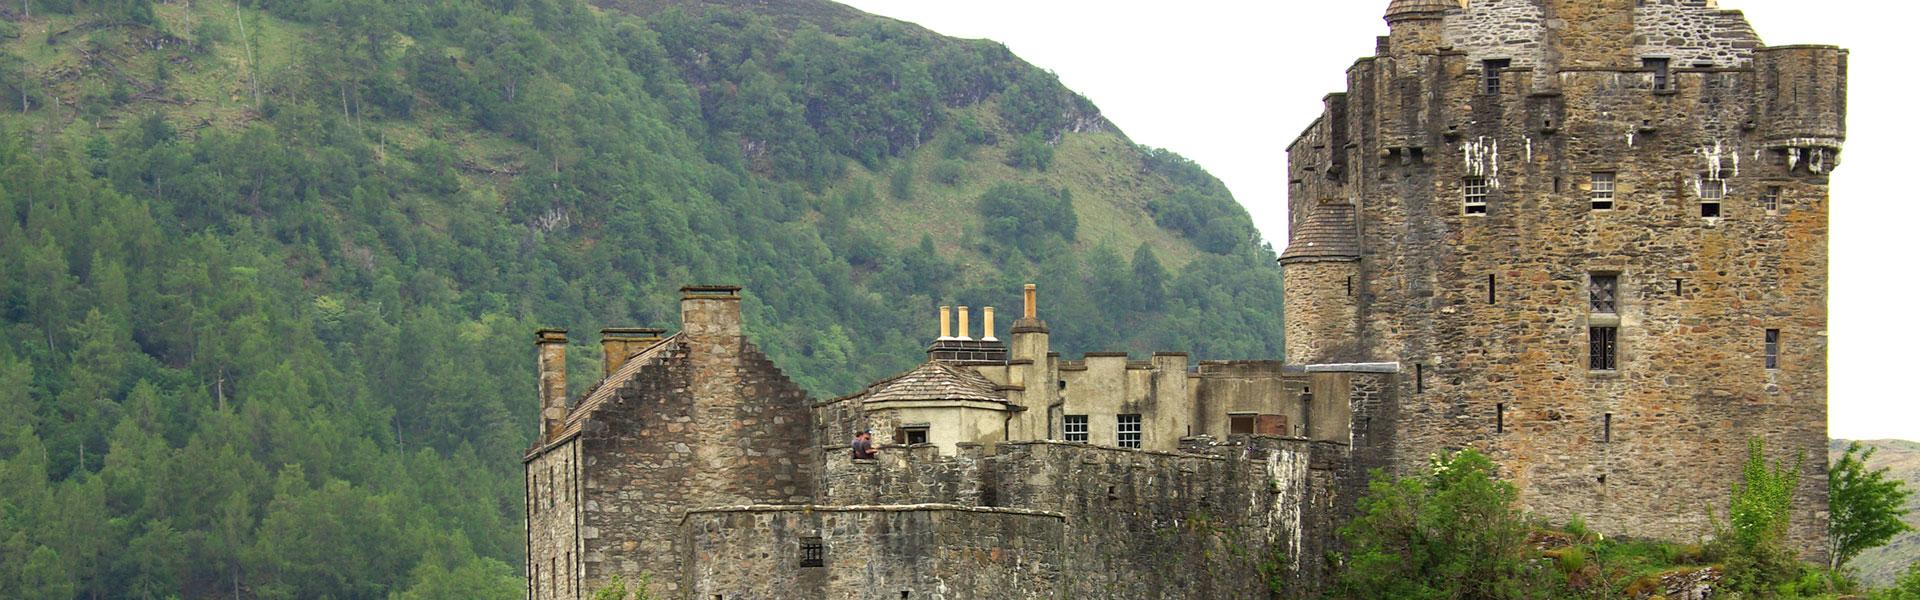 Sightseeing verschiedener Burgen und Burgruinen in Schottlands Landschaften